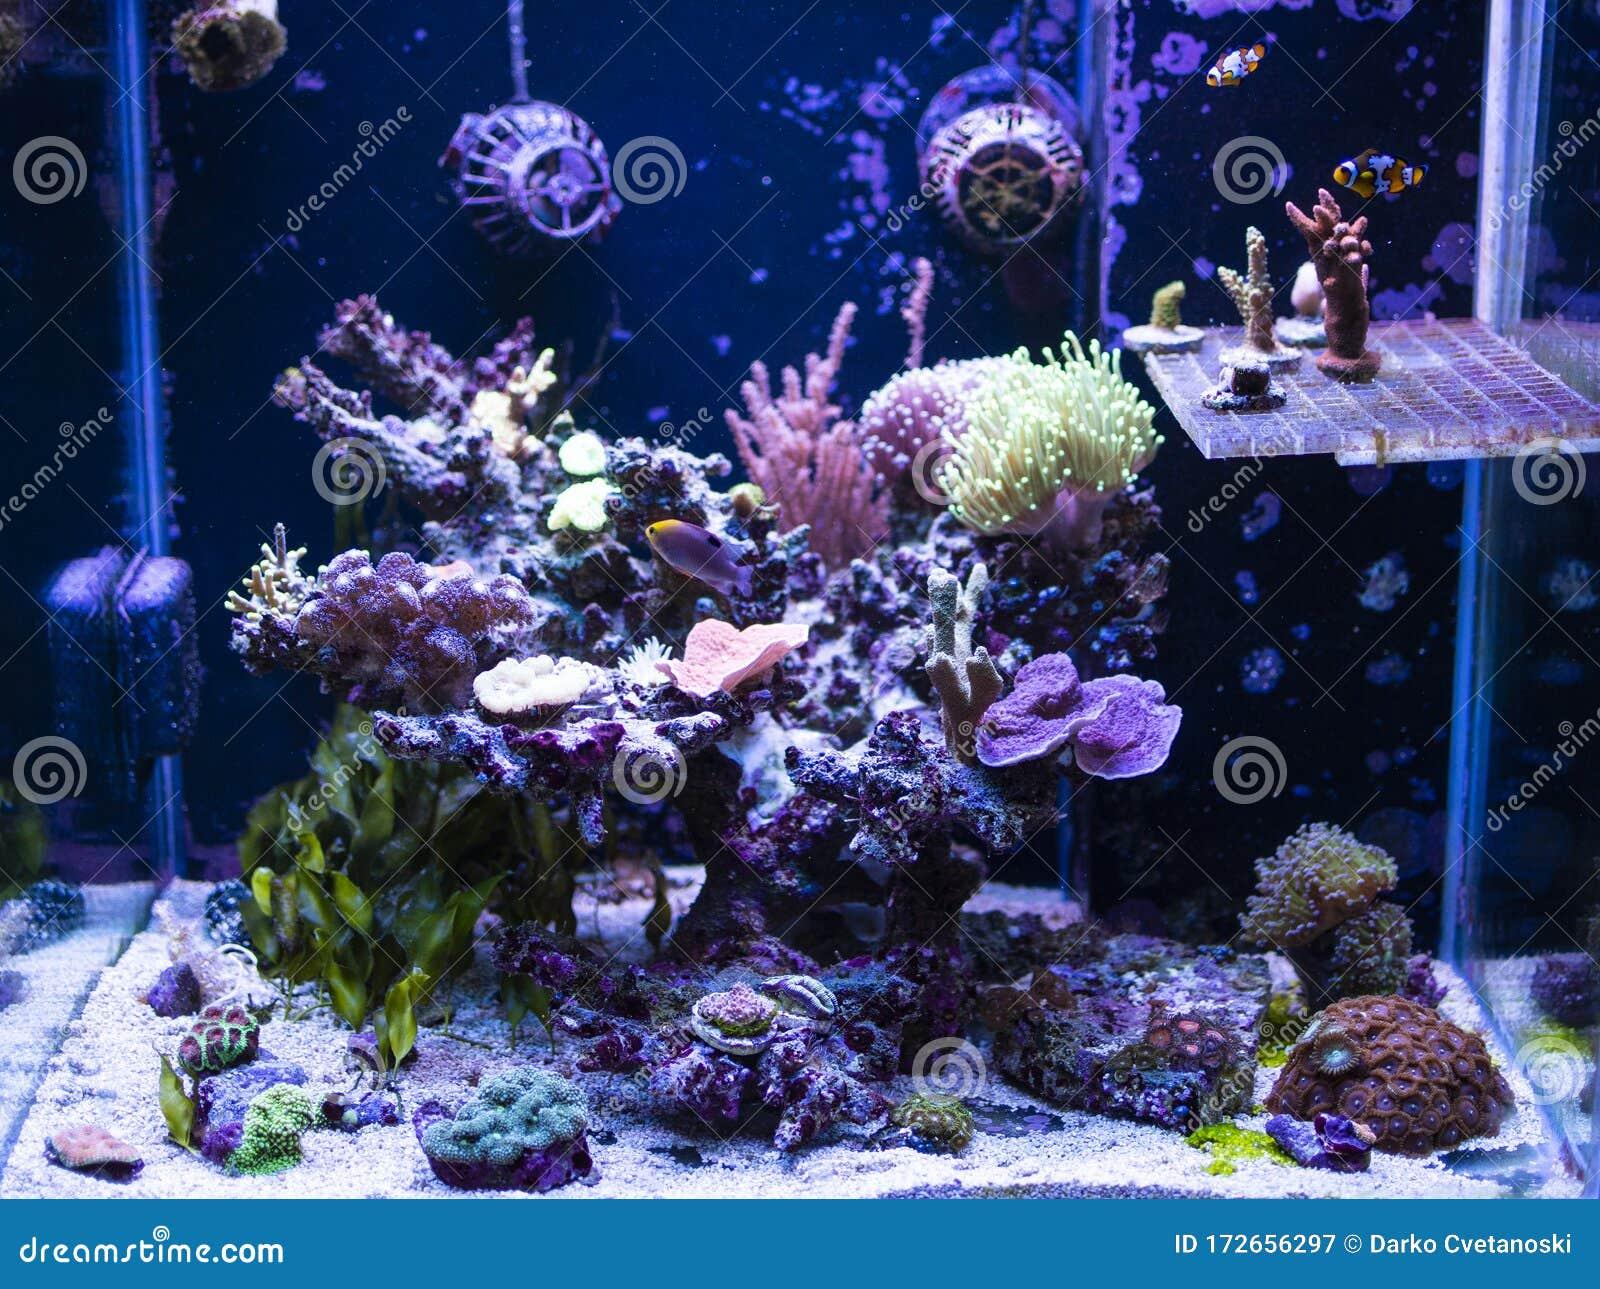 Reef Tank, Marine Aquarium. With Different Types Of Corals ...